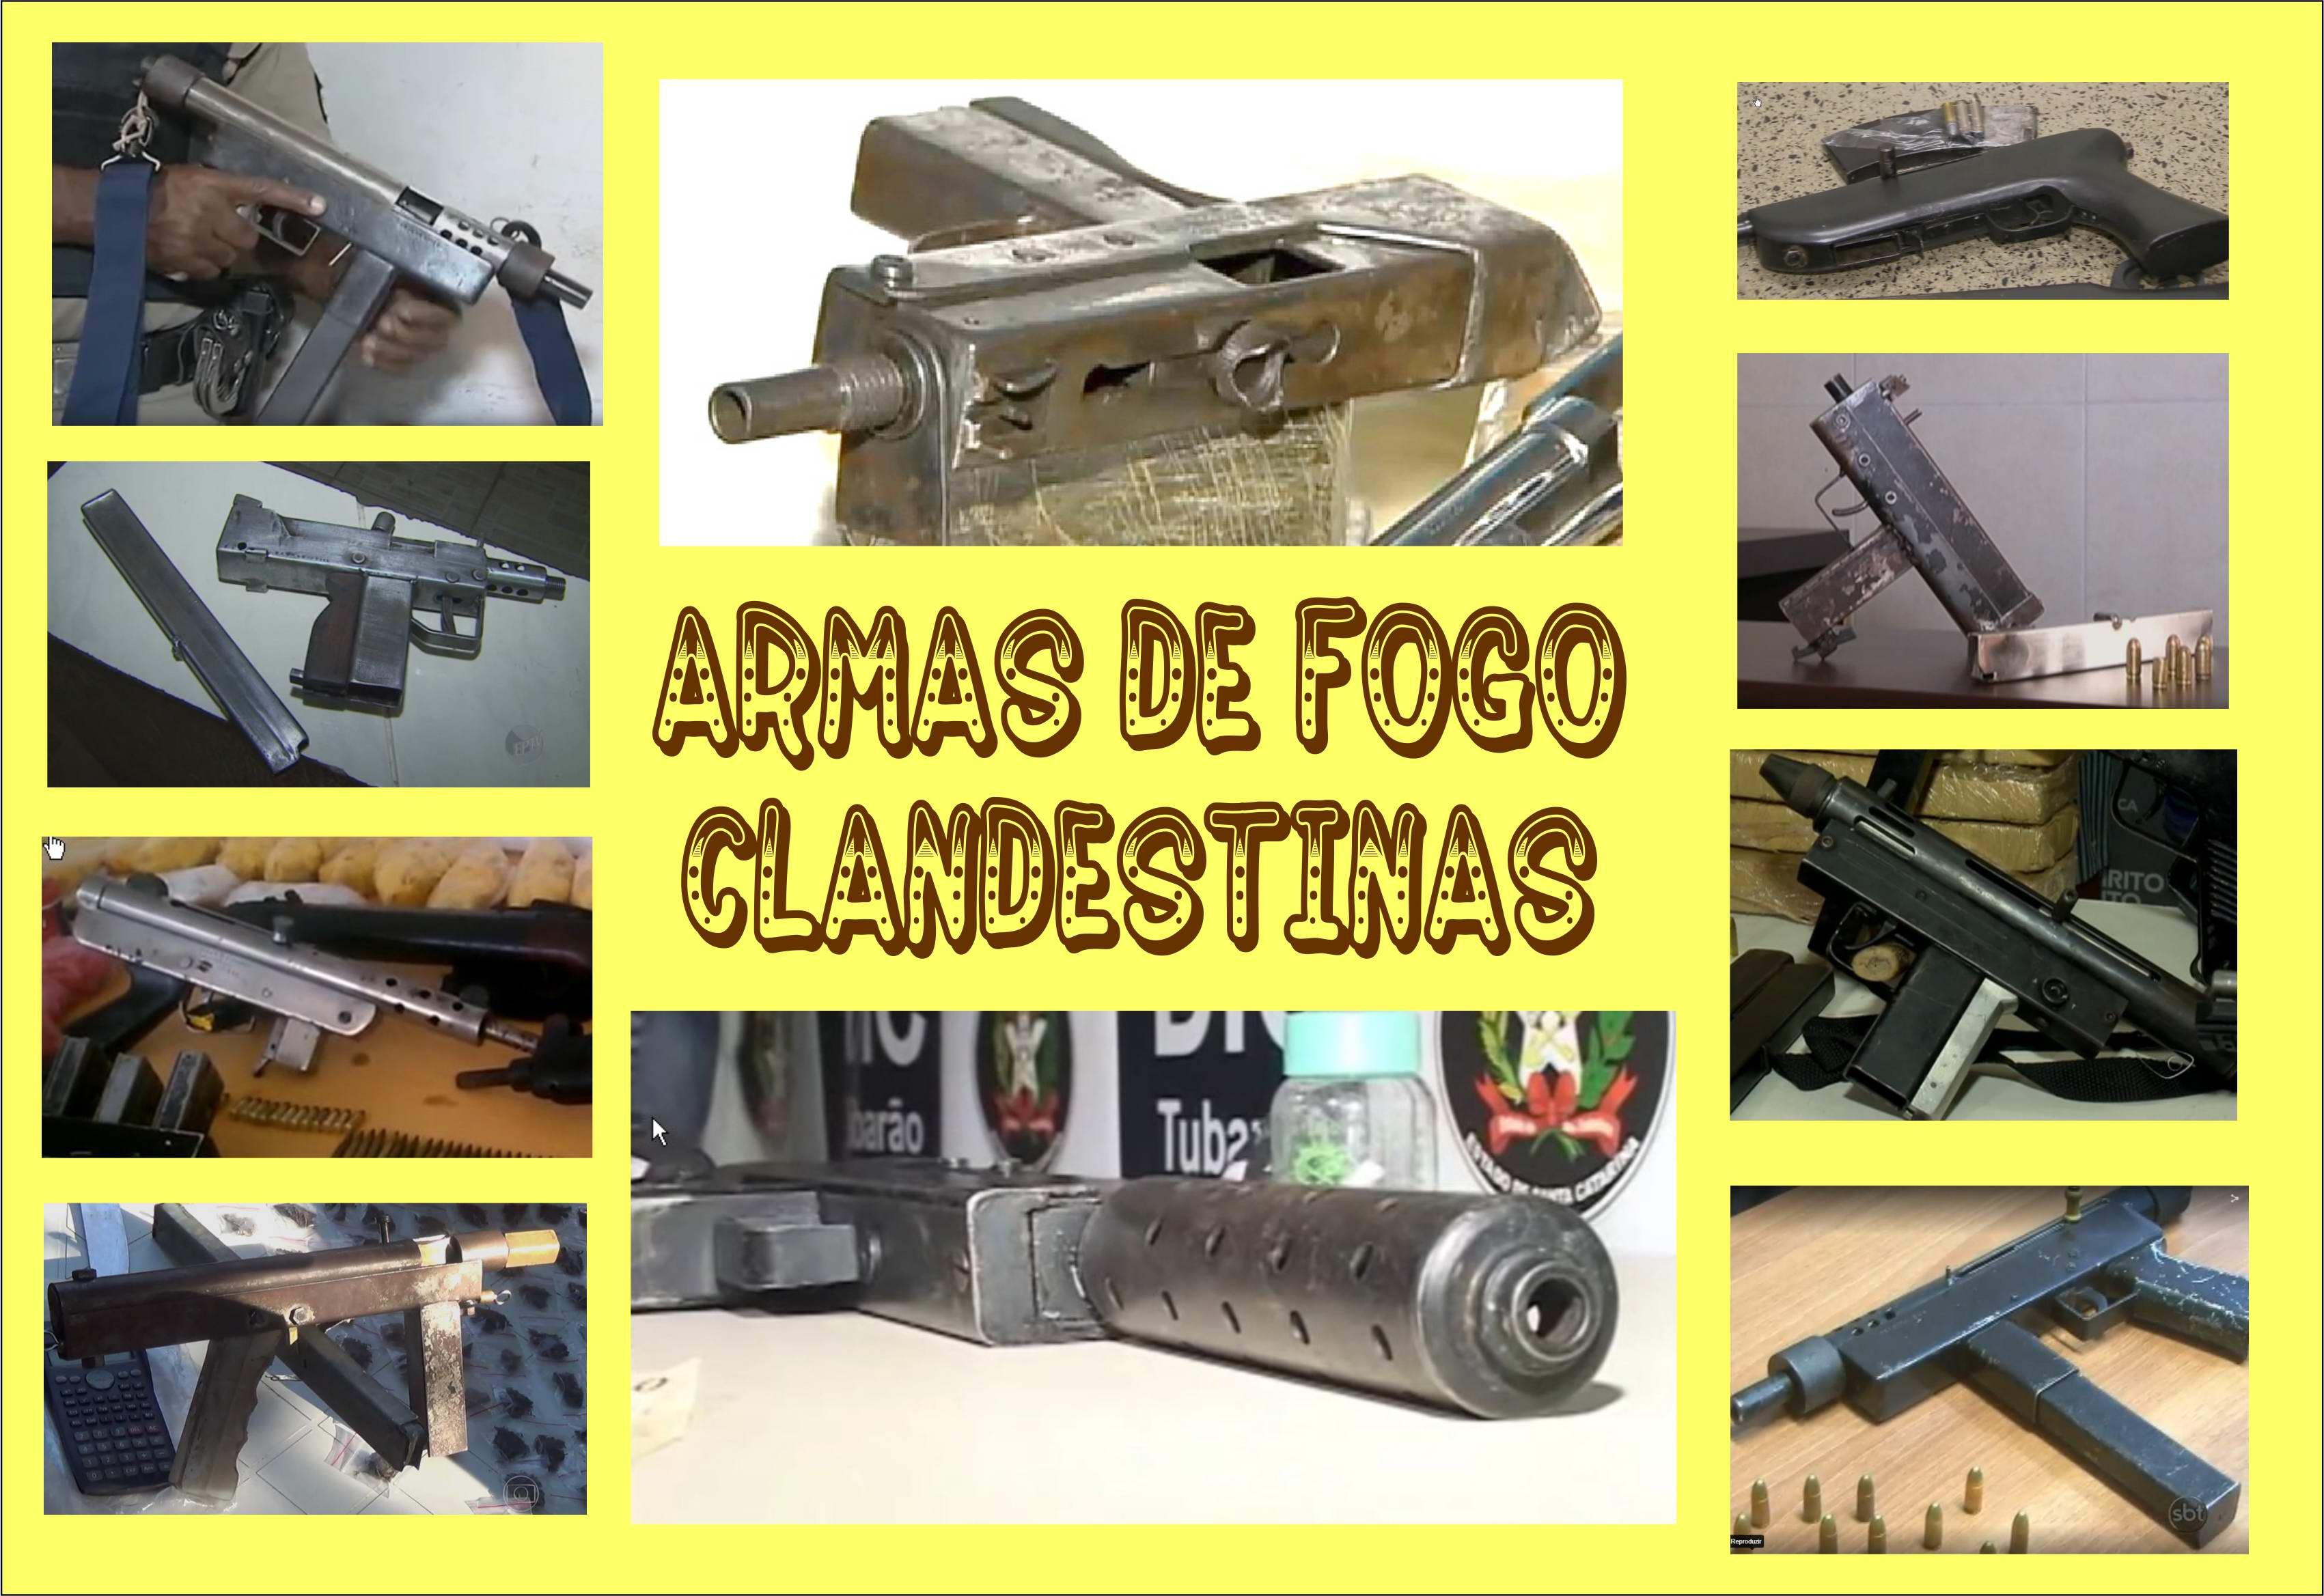 TD_CLANDESTINAS_01